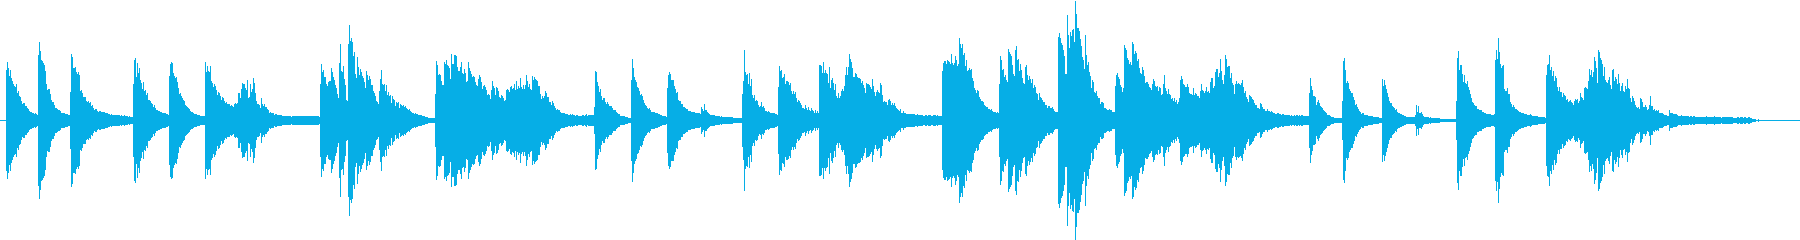 浮遊感、不思議なイメージのピアノソロの再生済みの波形